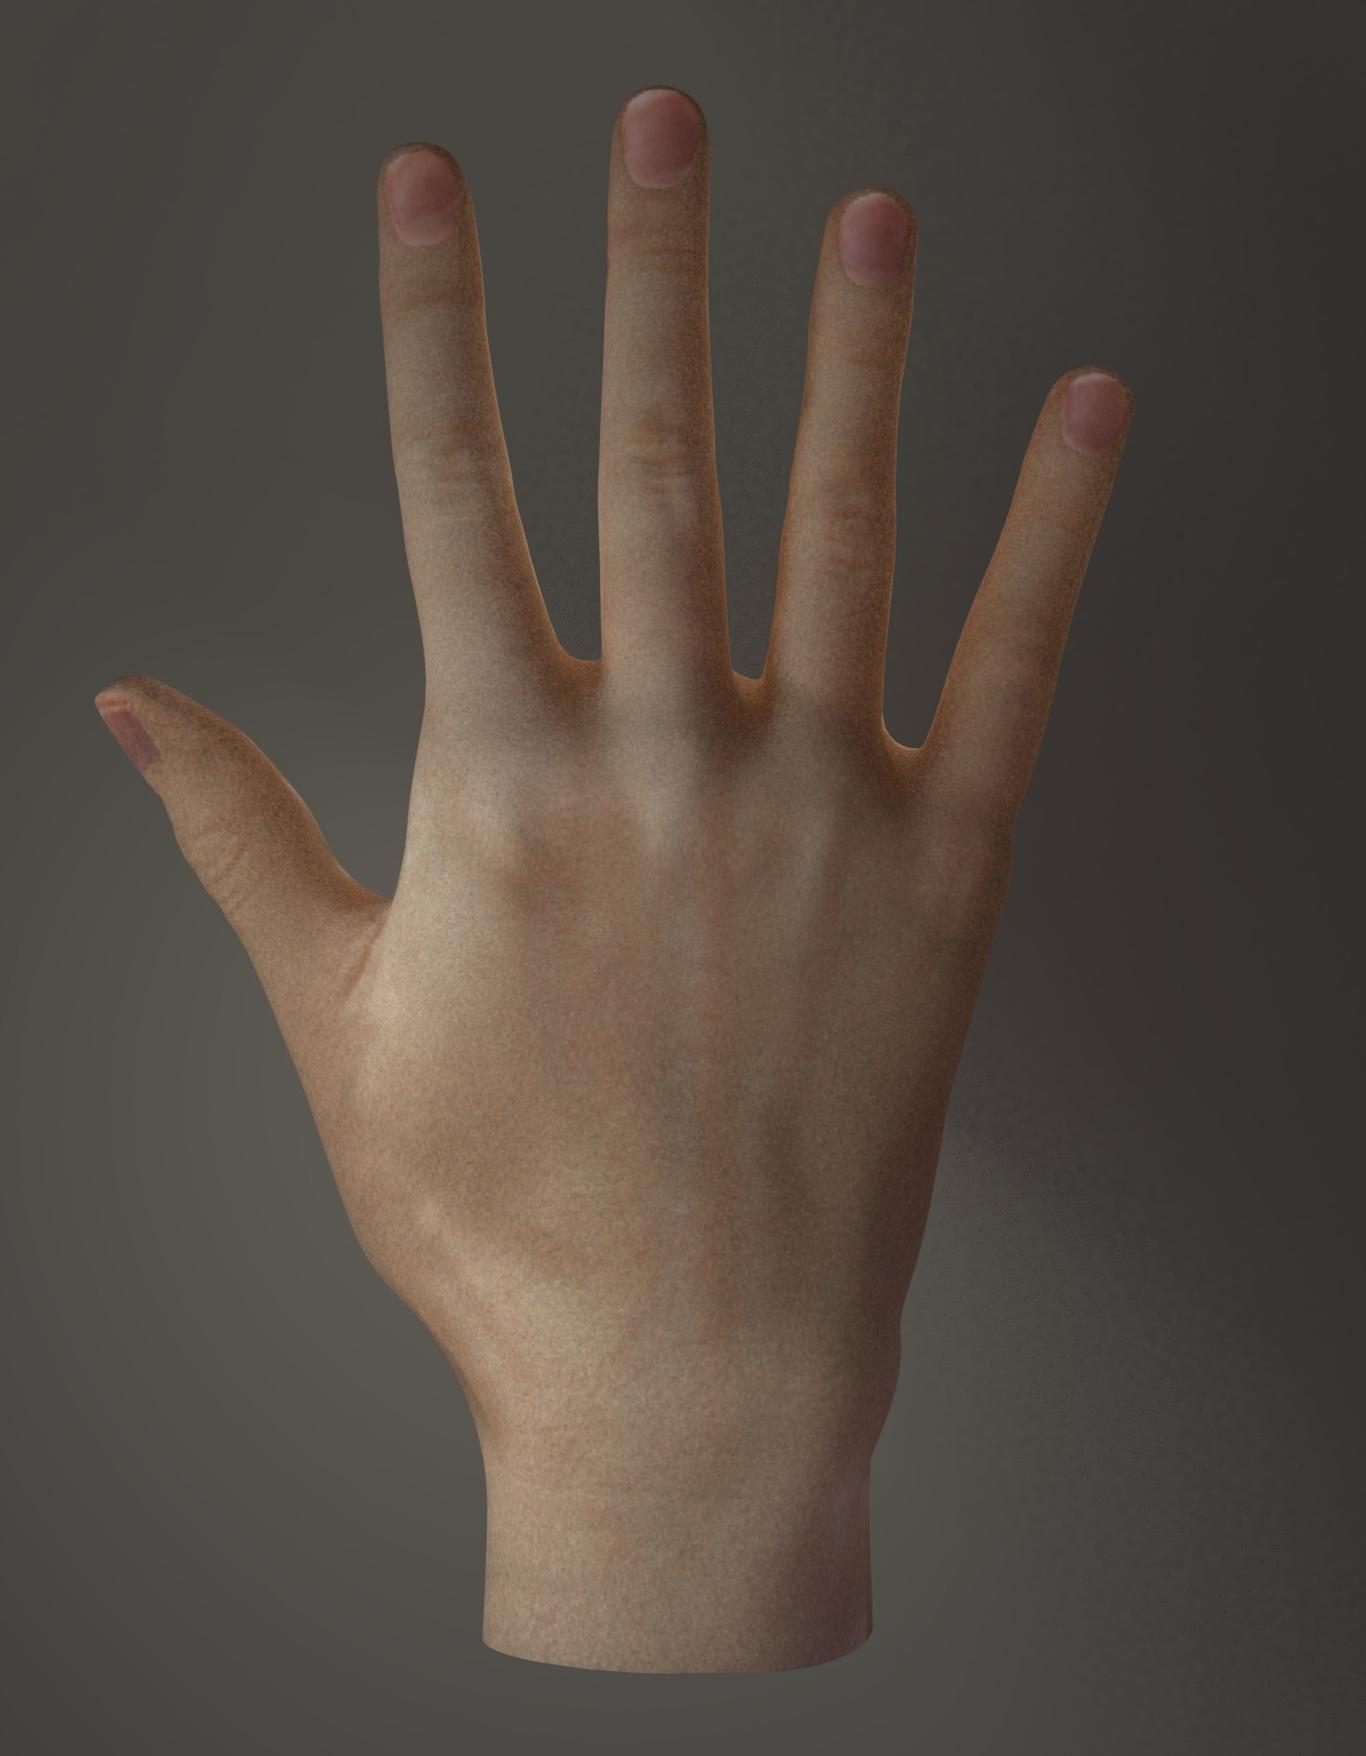 Tomtalented hand model 1 424429de 964m